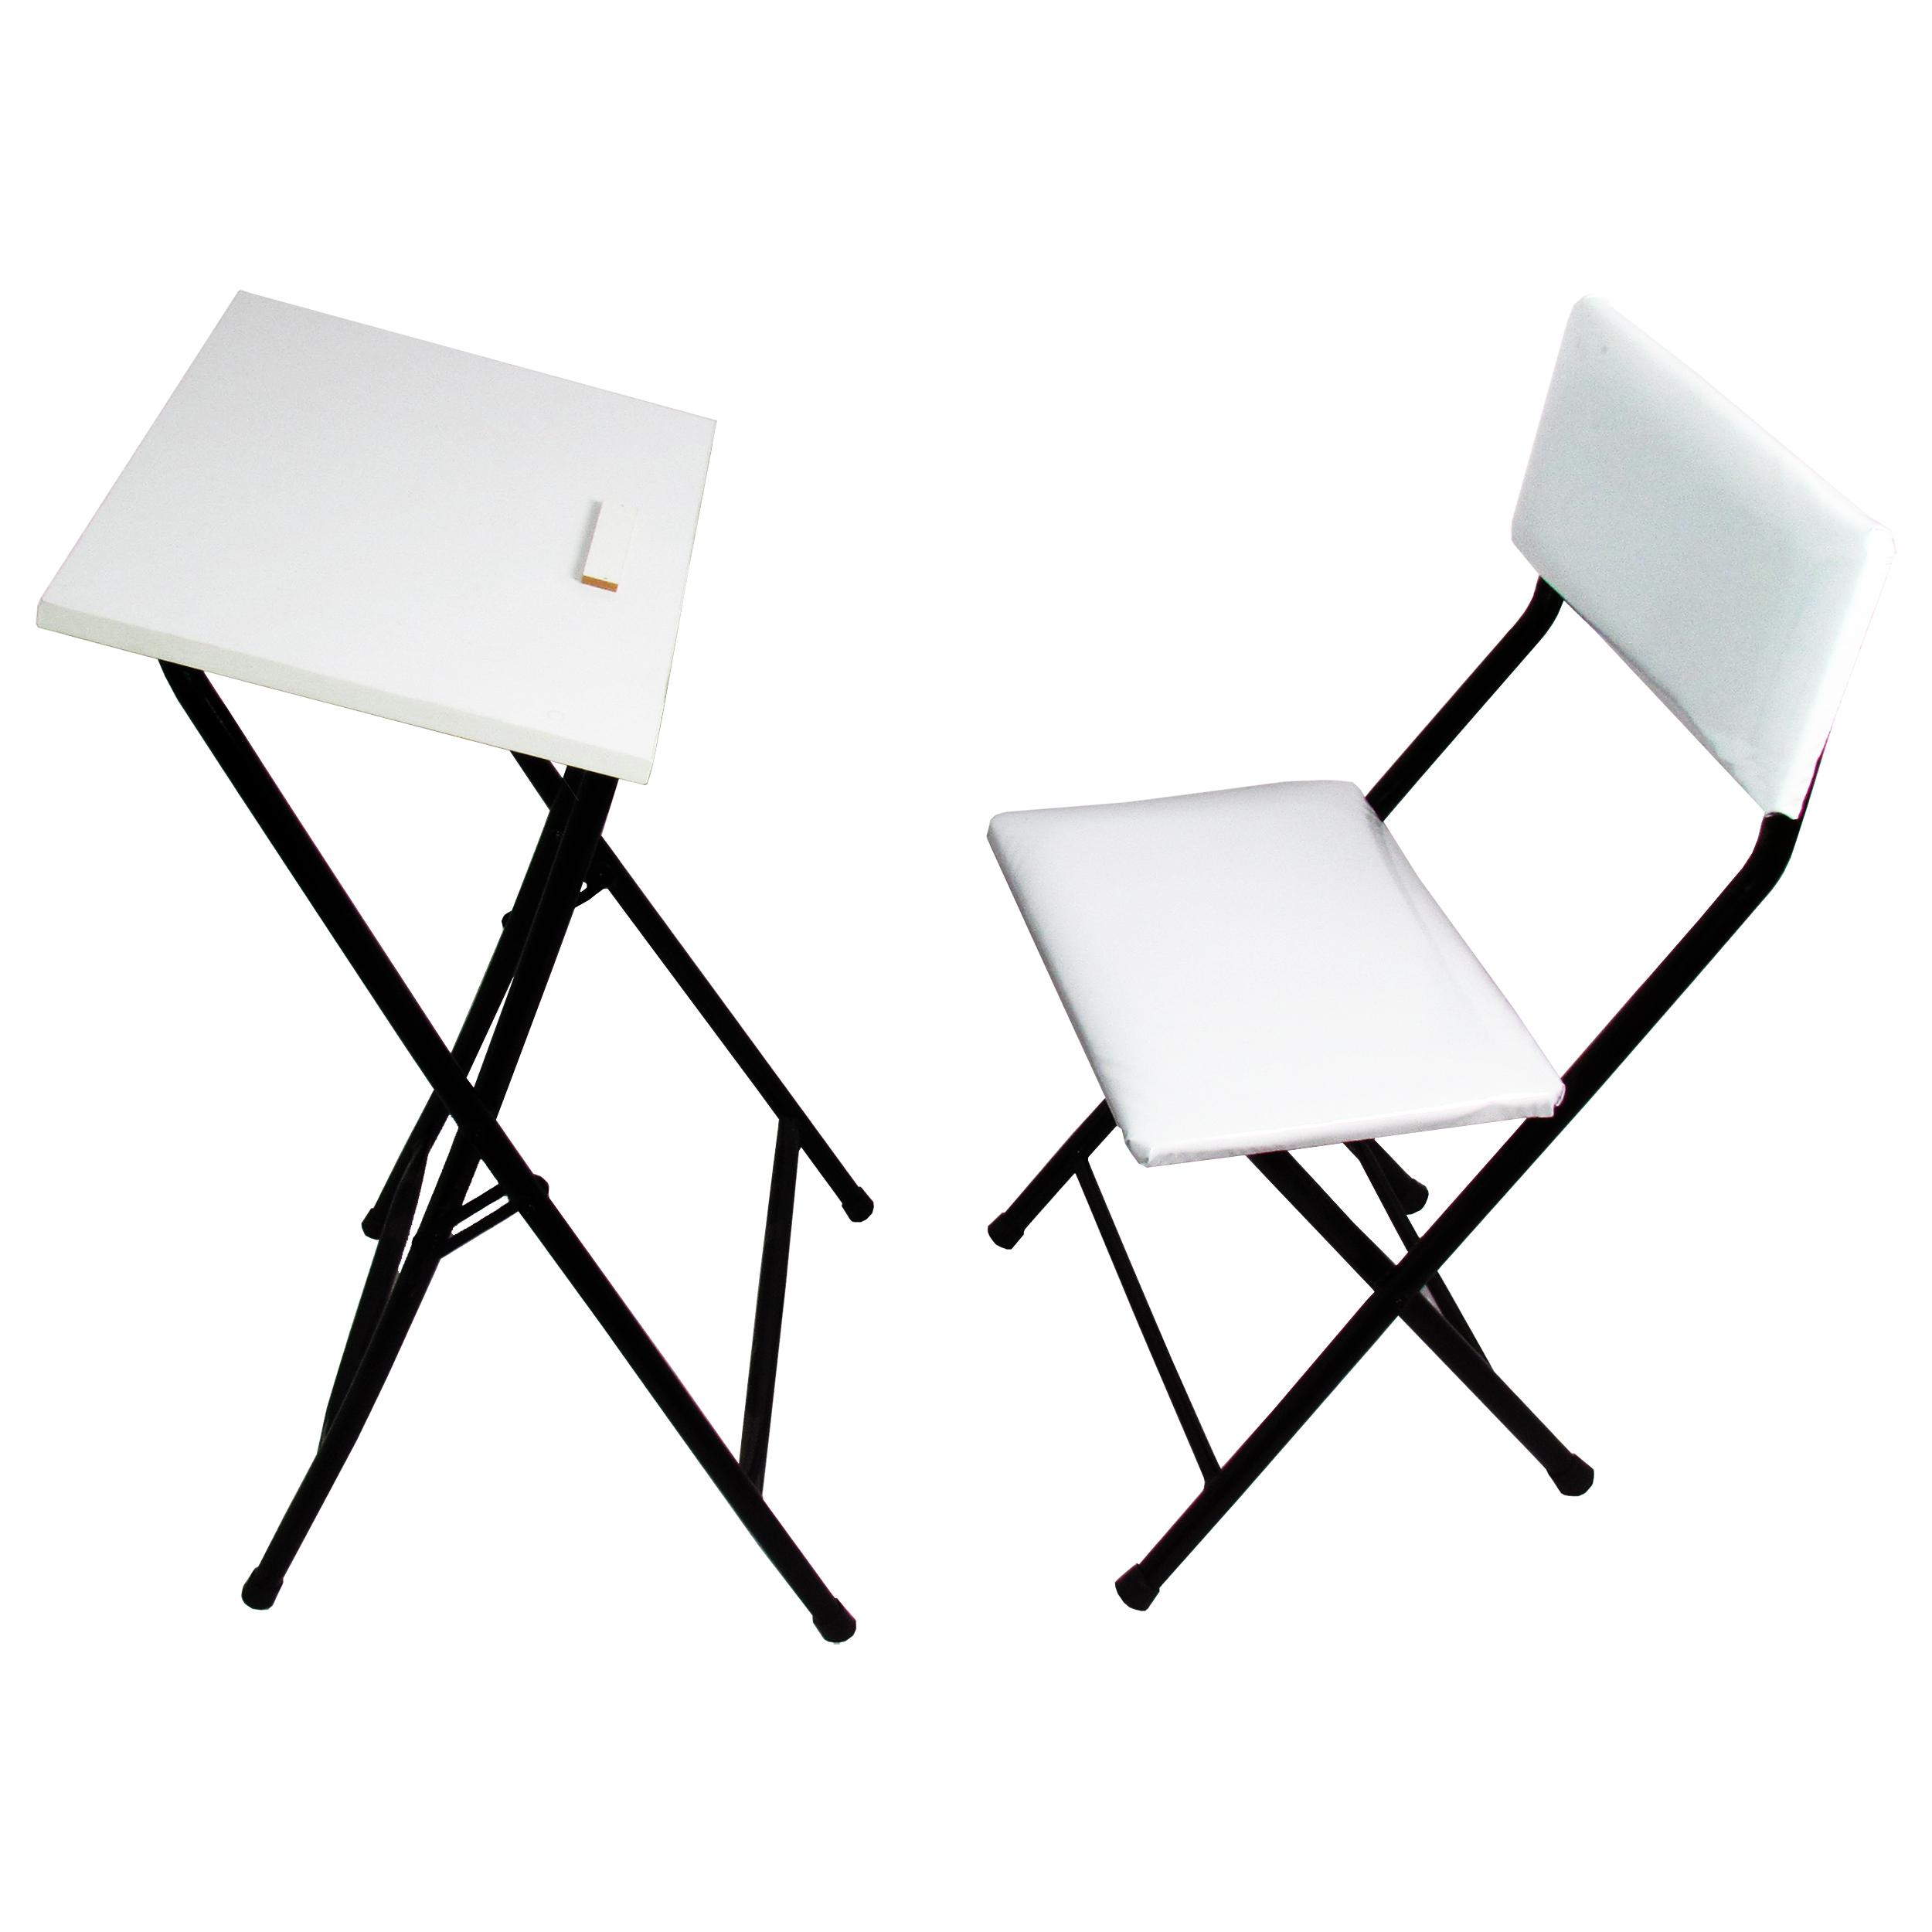 میز و صندلی نماز میزیمو مدل تاشو کد 4103